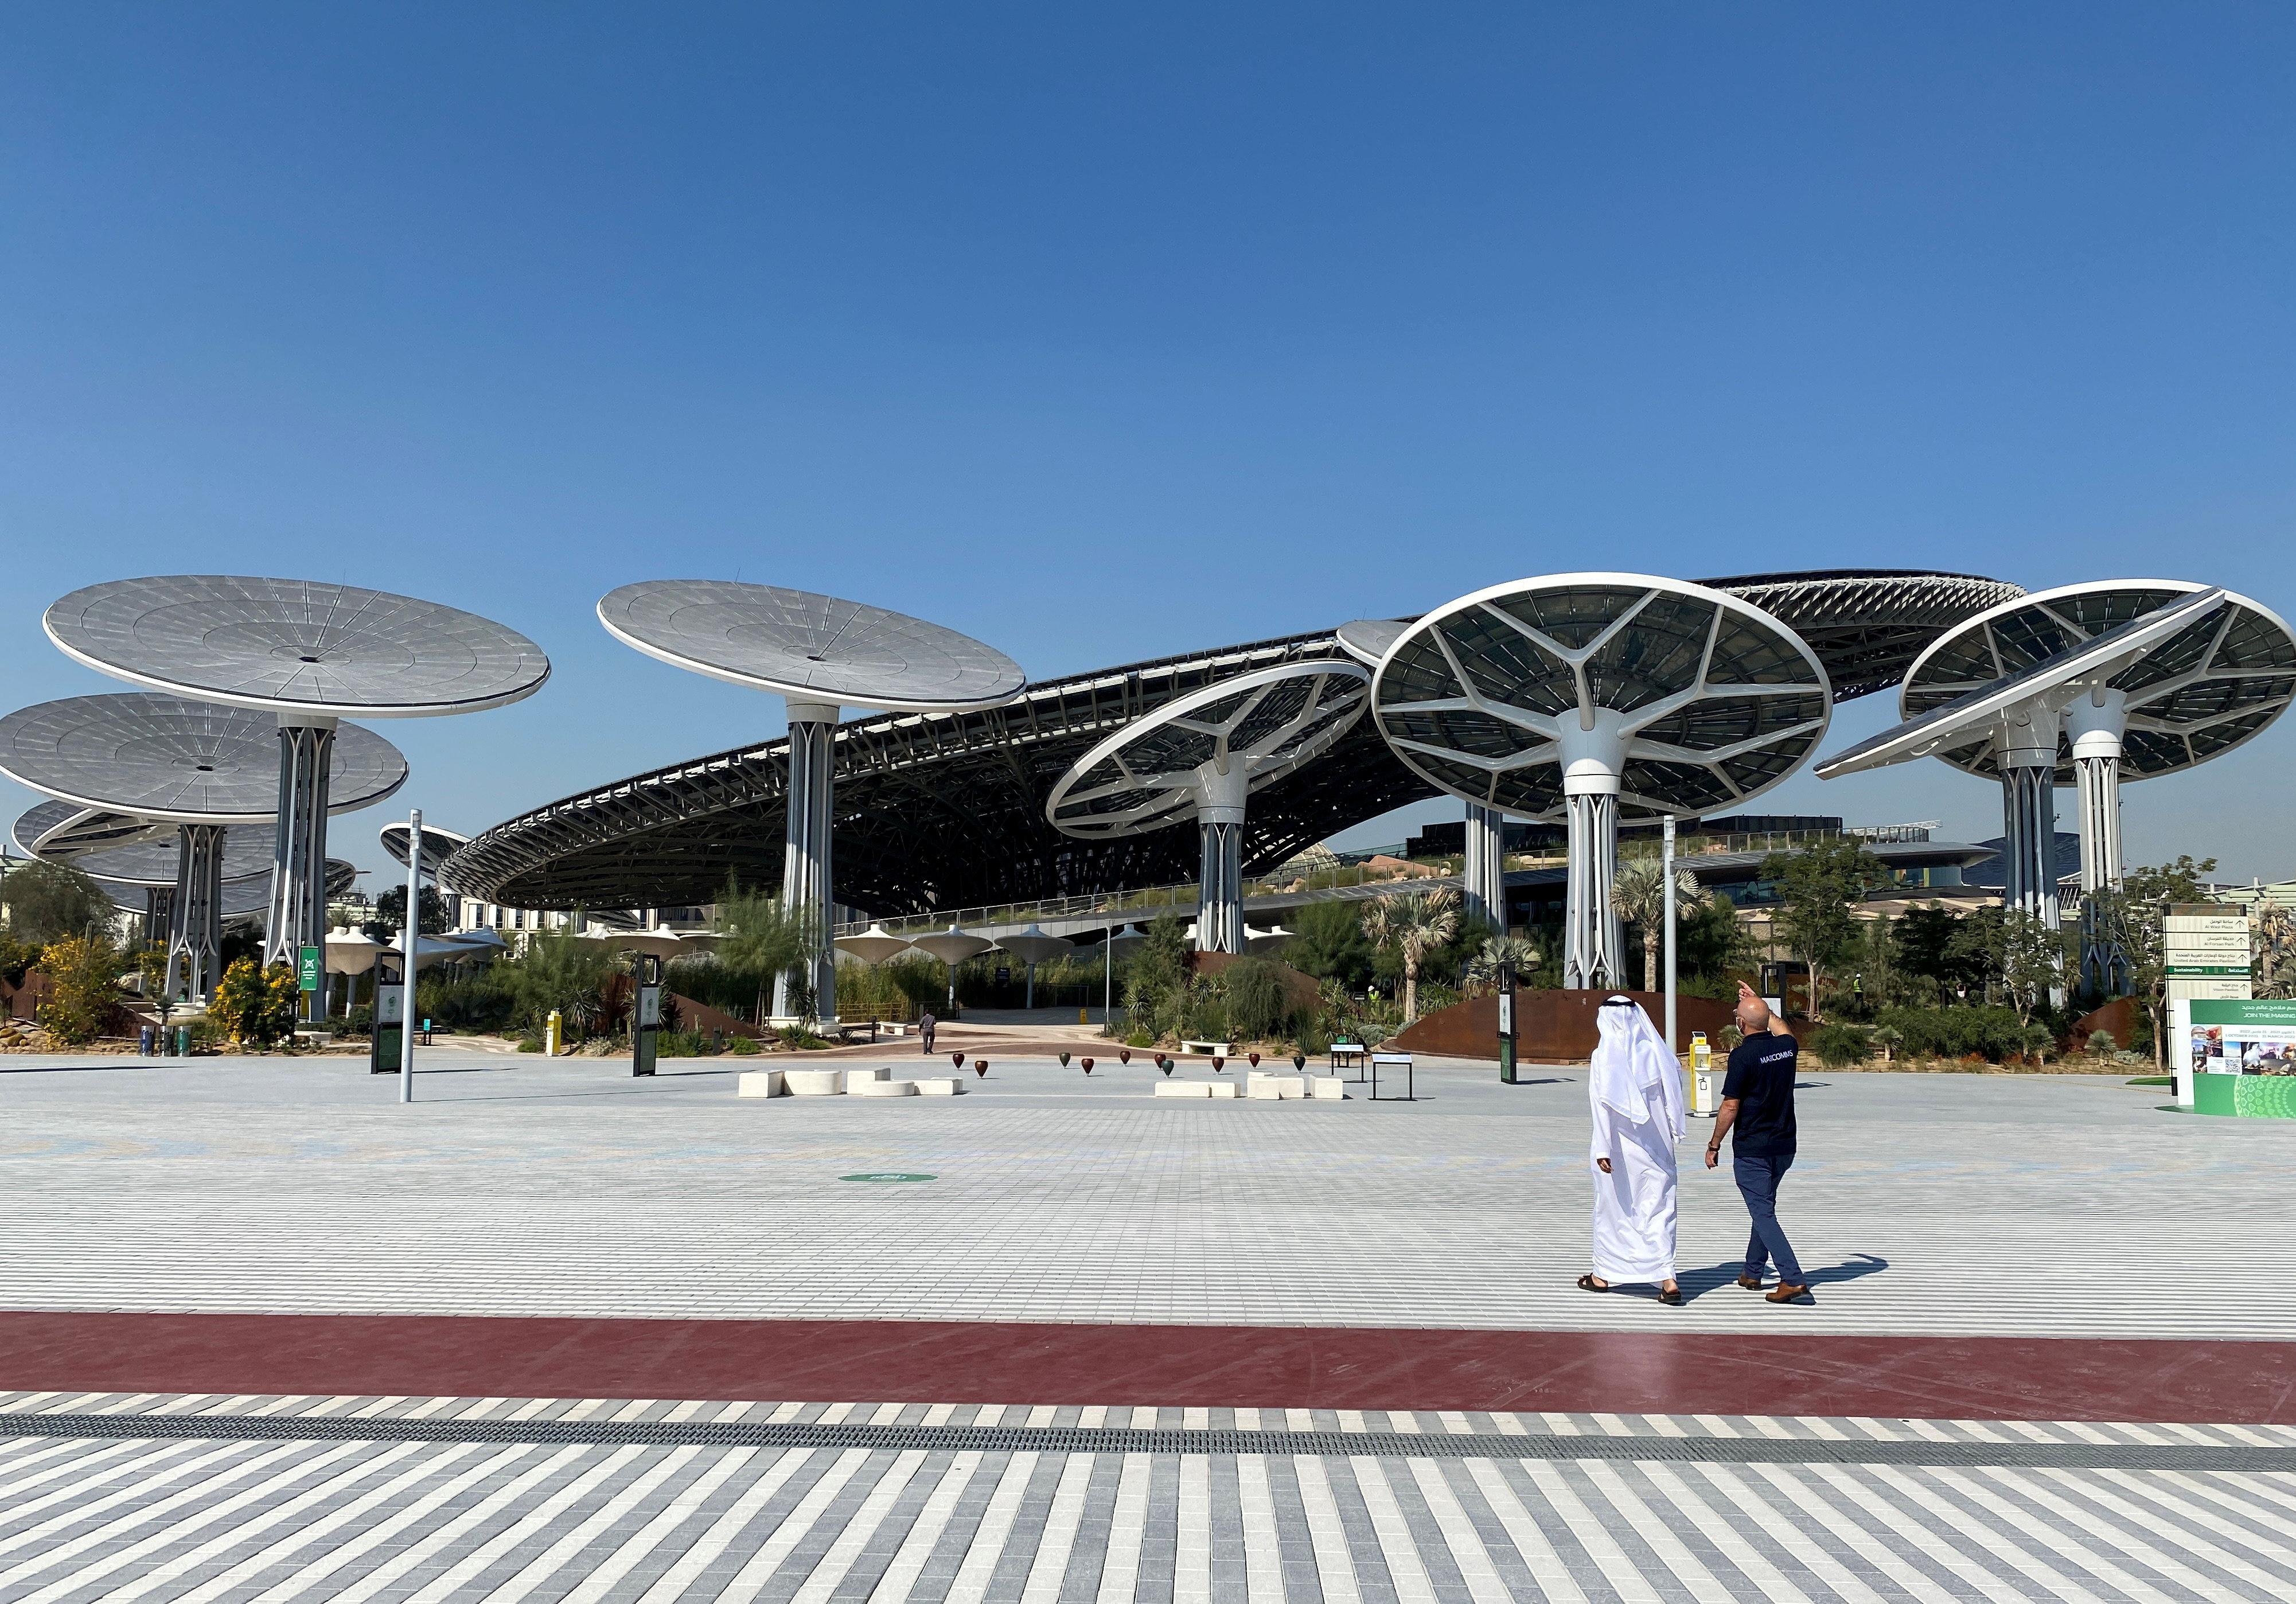 People walk at the site of Dubai Expo 2020 in Dubai, United Arab Emirates January 16, 2021. REUTERS/Rula Rouhana/File Photo